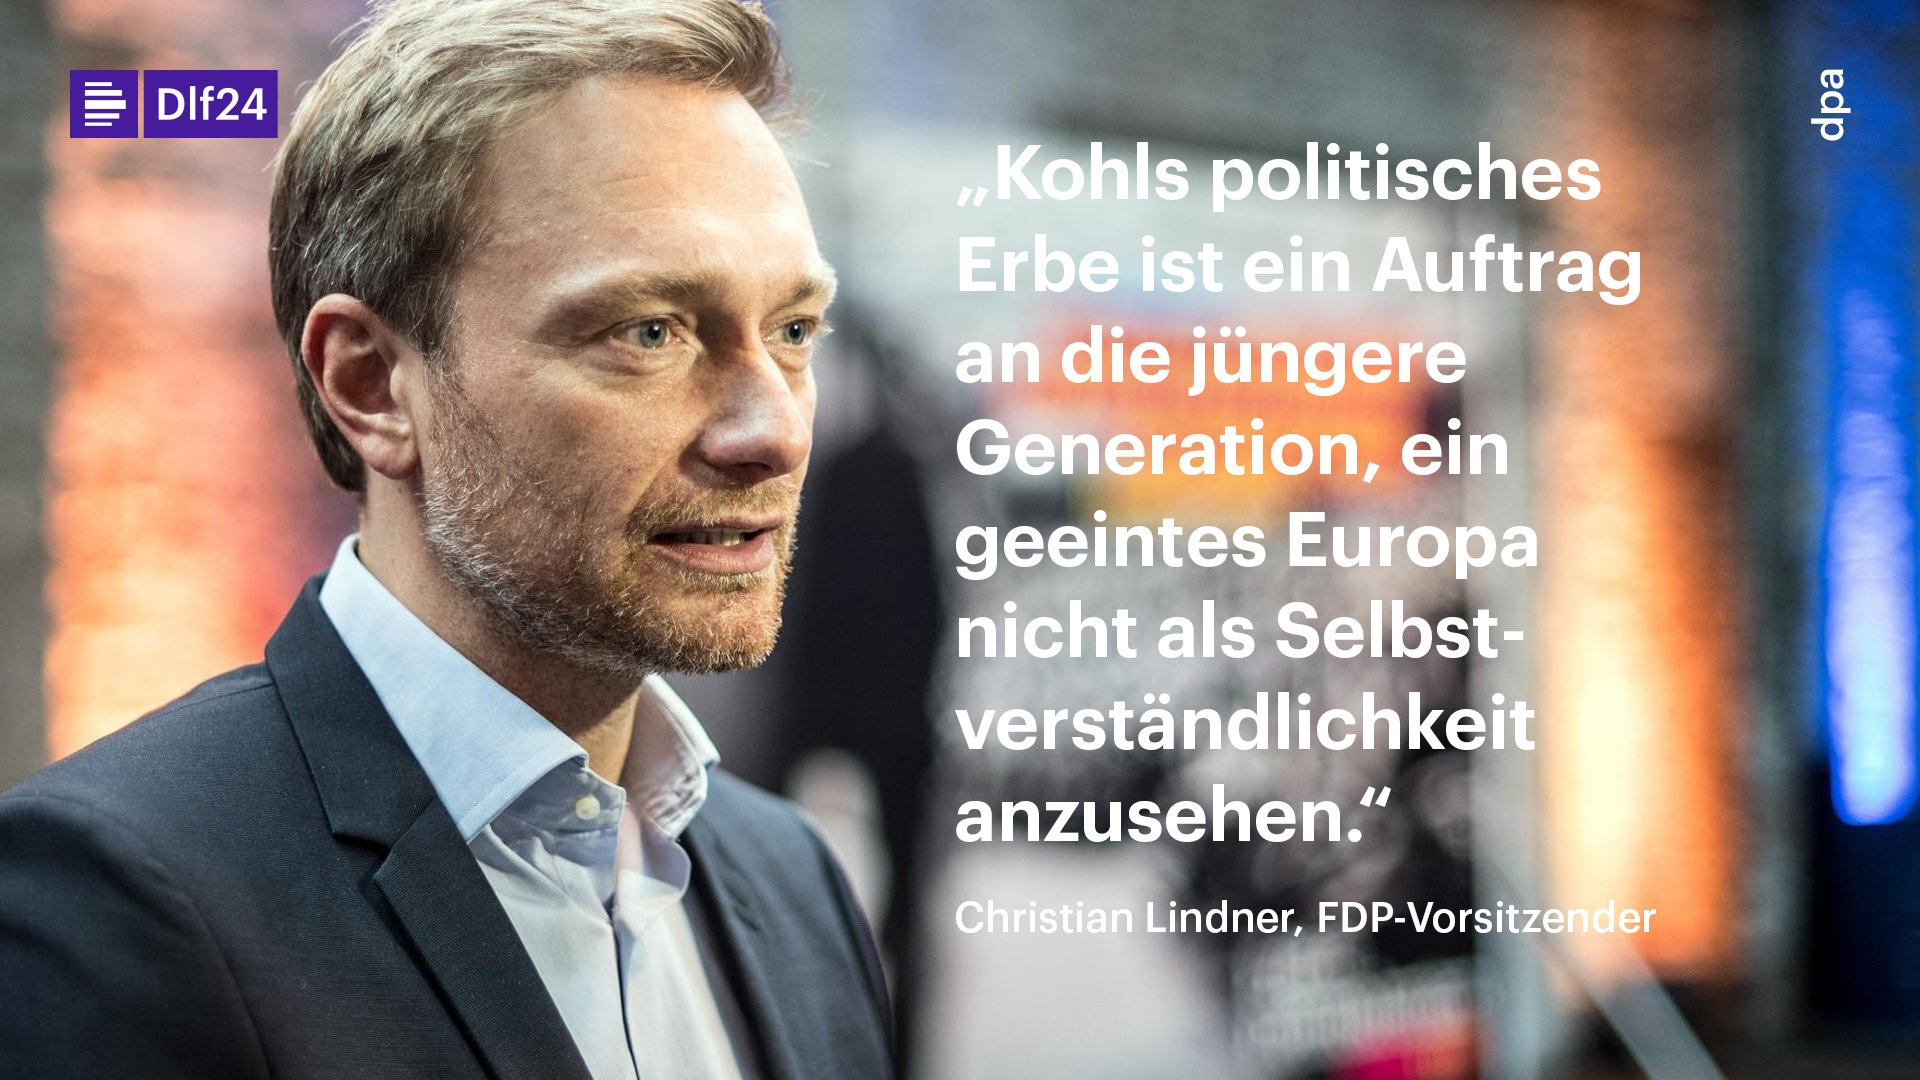 Der FDP-Vorsitzende Lindner hat den gestorbenen Altkanzler Kohl als Architekten eines vereinten Europas bezeichnet https://t.co/jixe4EVxWu https://t.co/wJPn2VmIgf